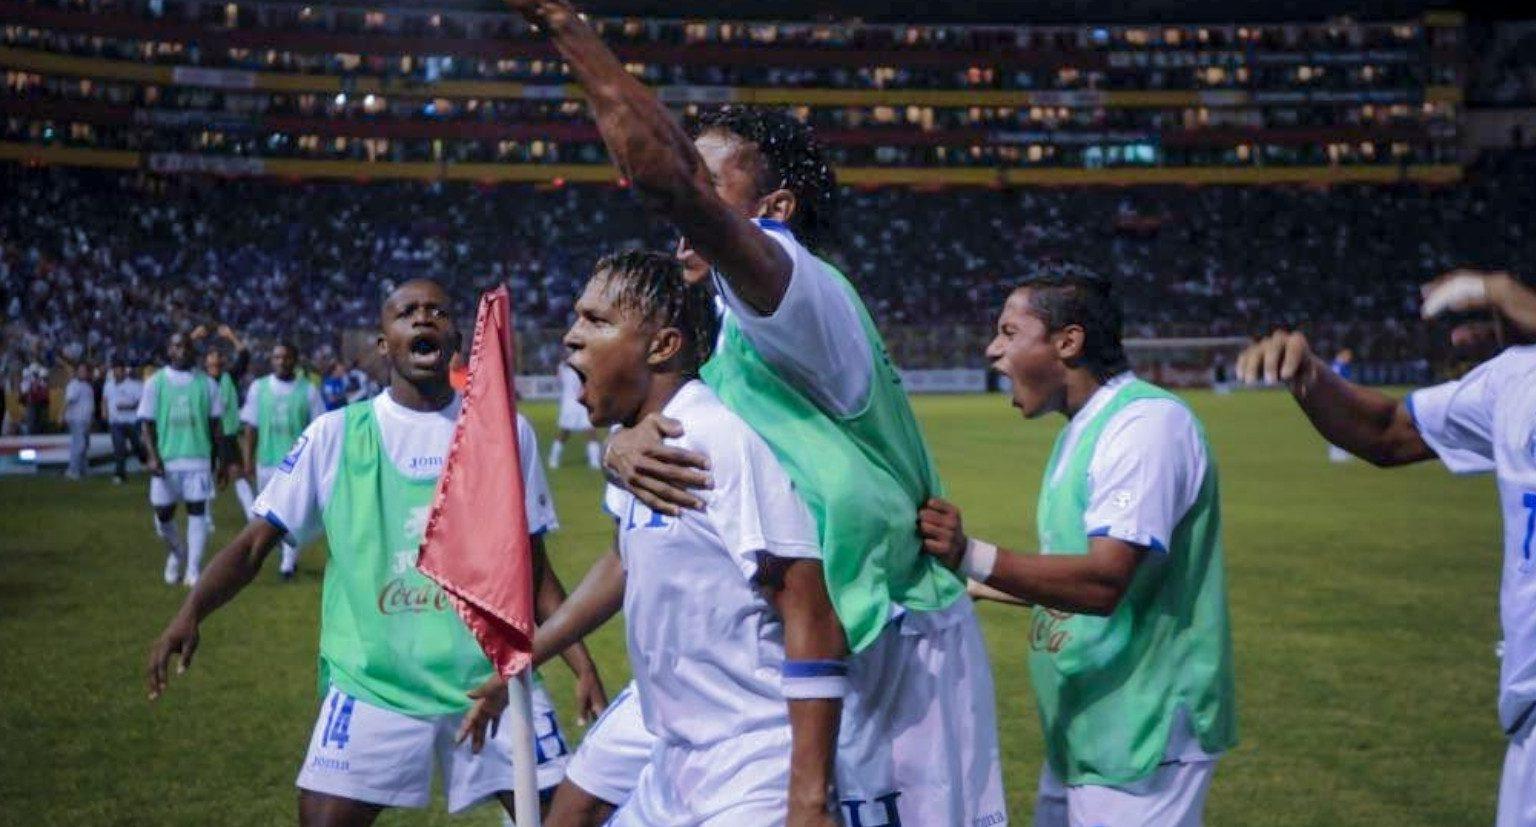 ¡La H no es muda! Nueva campaña de Claro para apoyar a la Selección Nacional